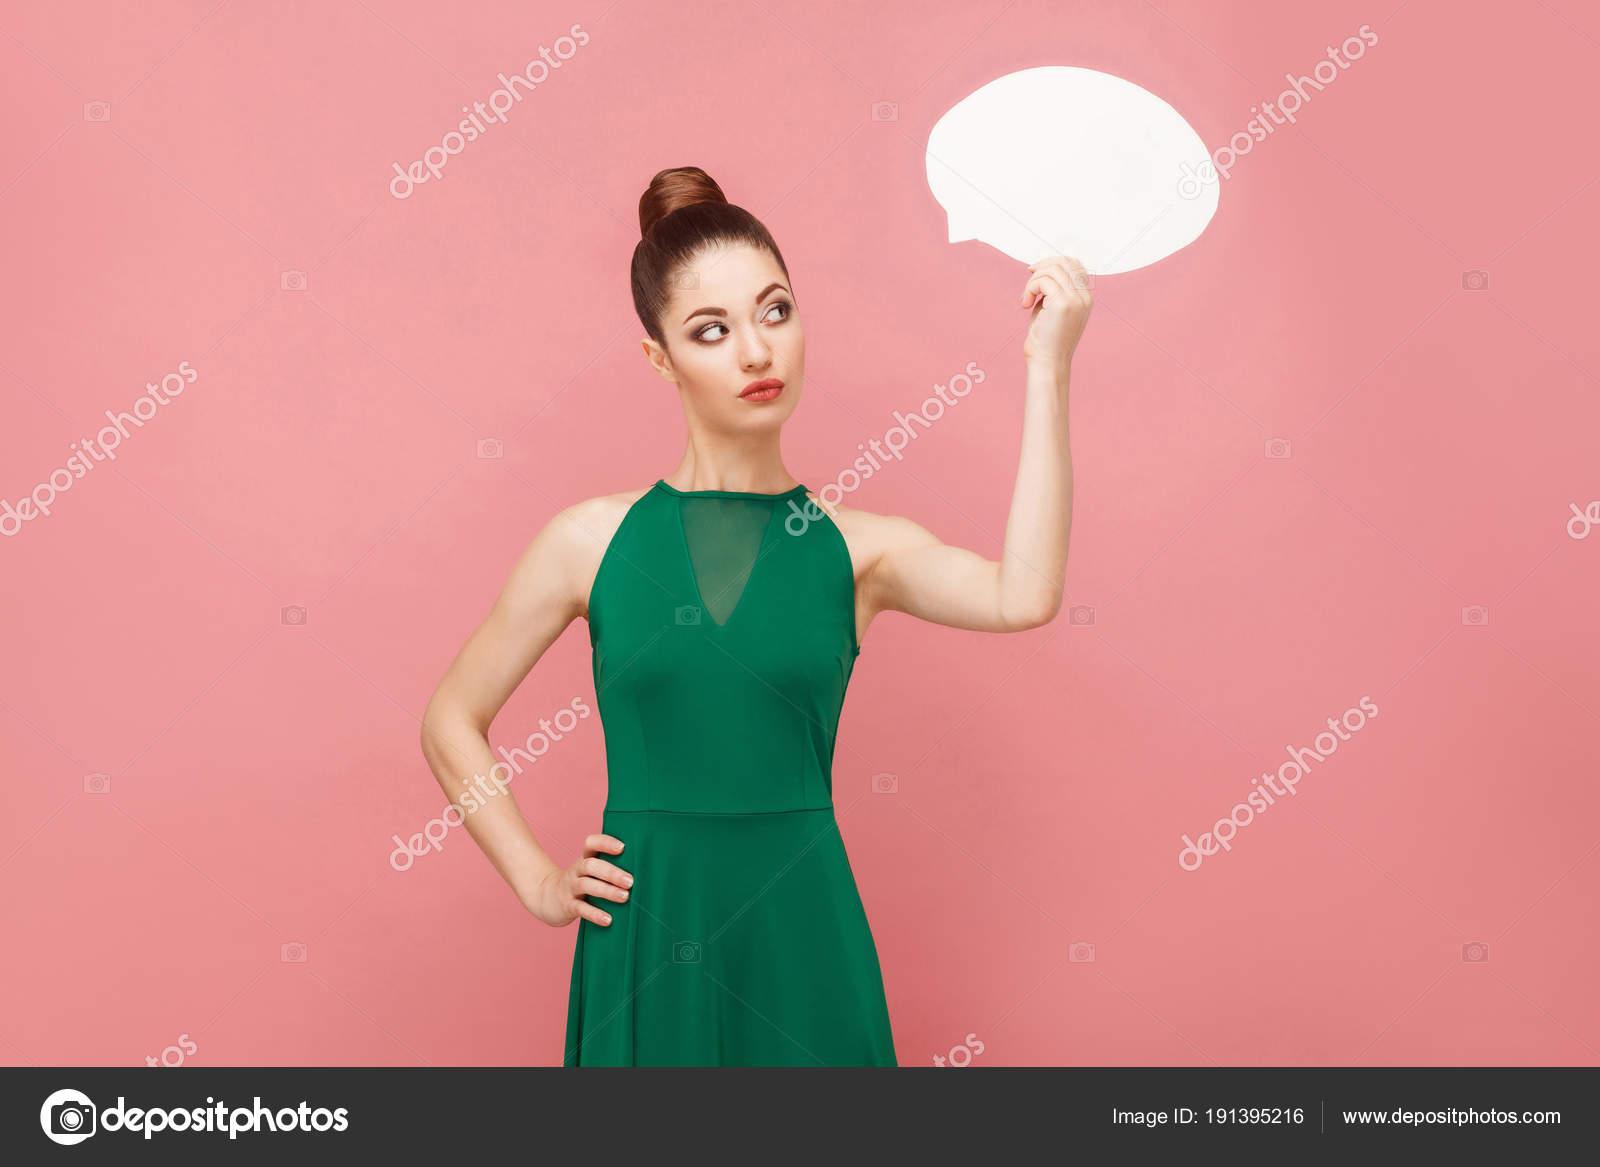 Mujer Vestido Verde Con Bandera Blanca Forma Burbujas